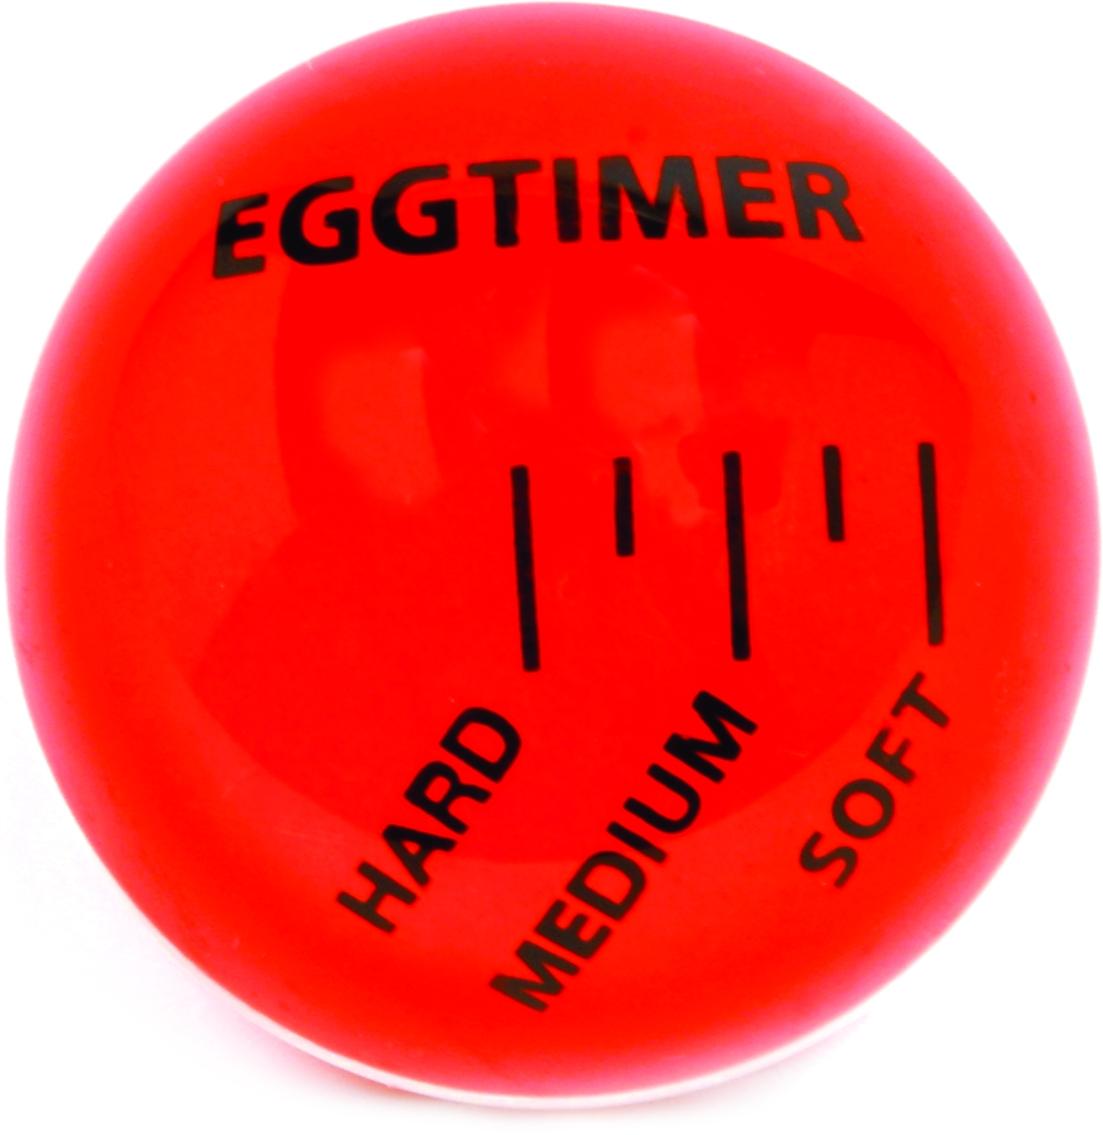 Norpro Hard Boiled Egg Timer